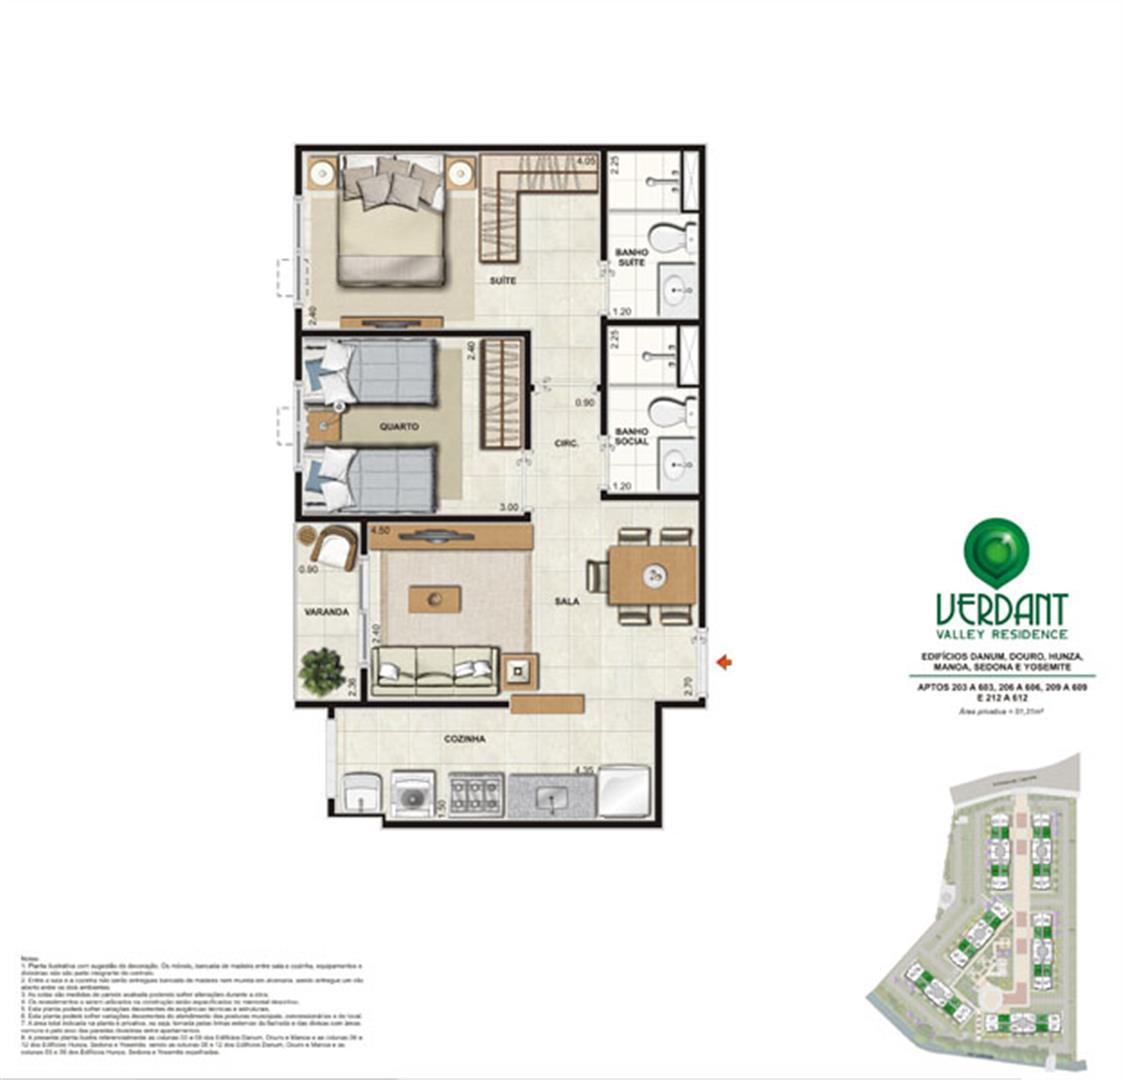 2 Quartos com suíte - 51,31m² - Aptos 203 a 603, 206 a 606, 209 a 609 e 2012 a 612 - Edifícios Danum, Douro, Hunza, Man